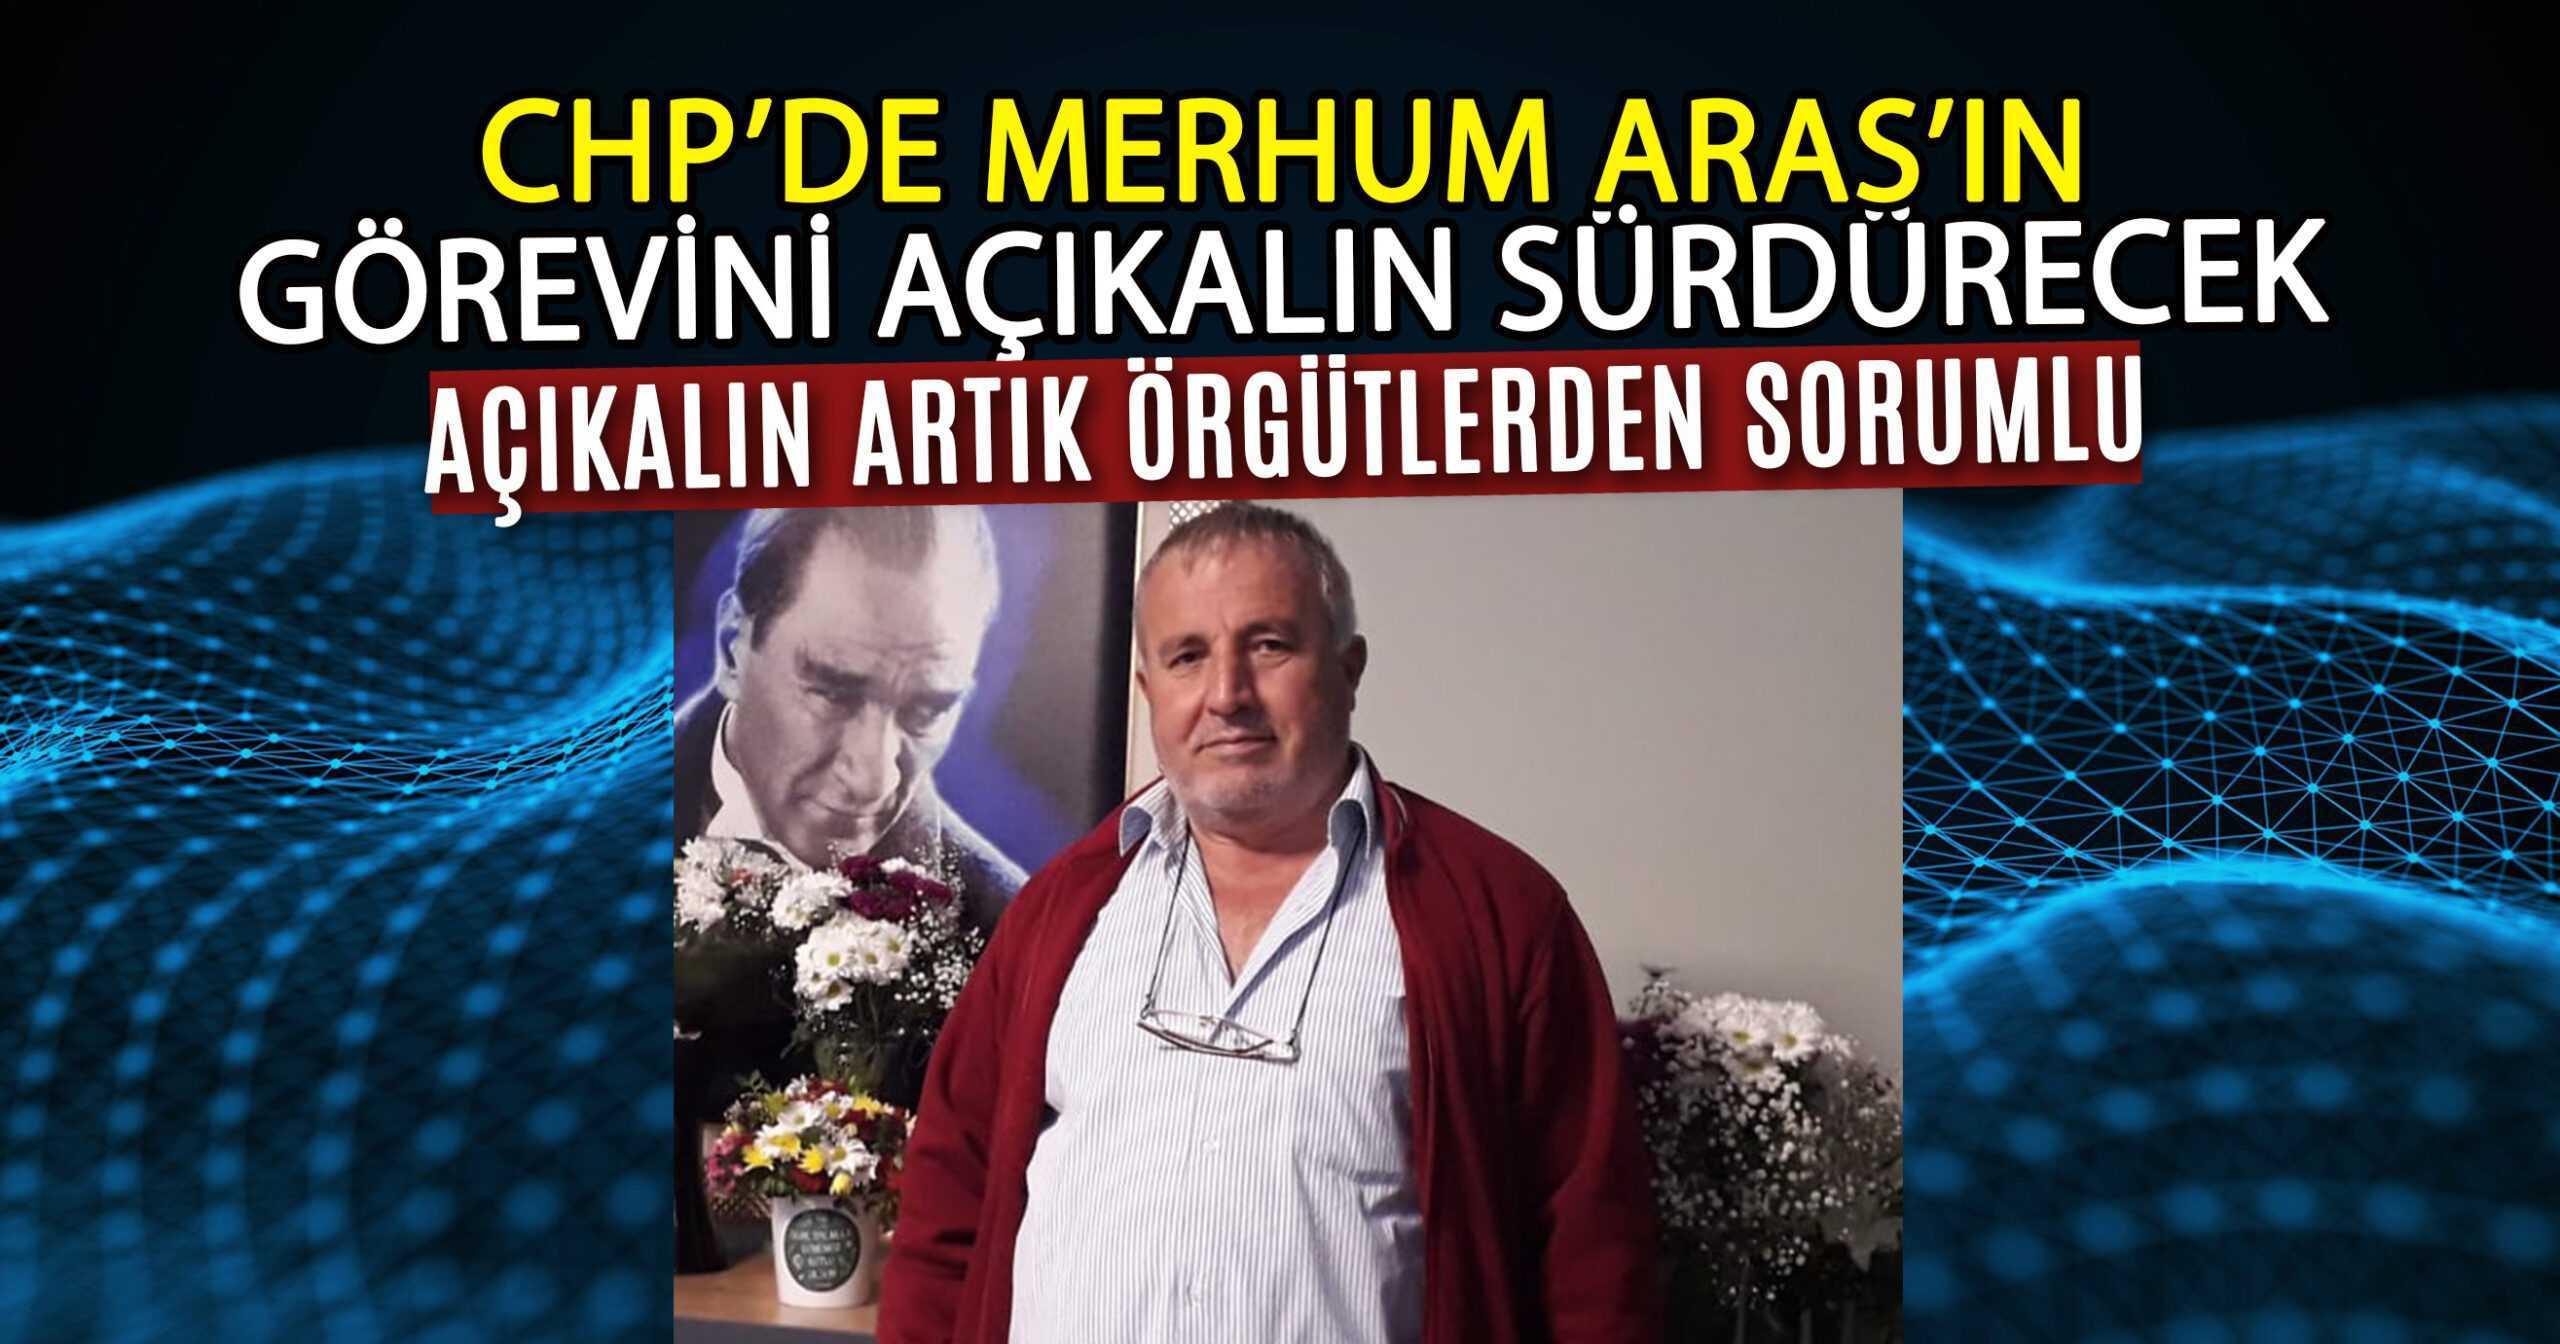 ARAS'IN YERİNE AÇIKALIN GETİRİLDİ